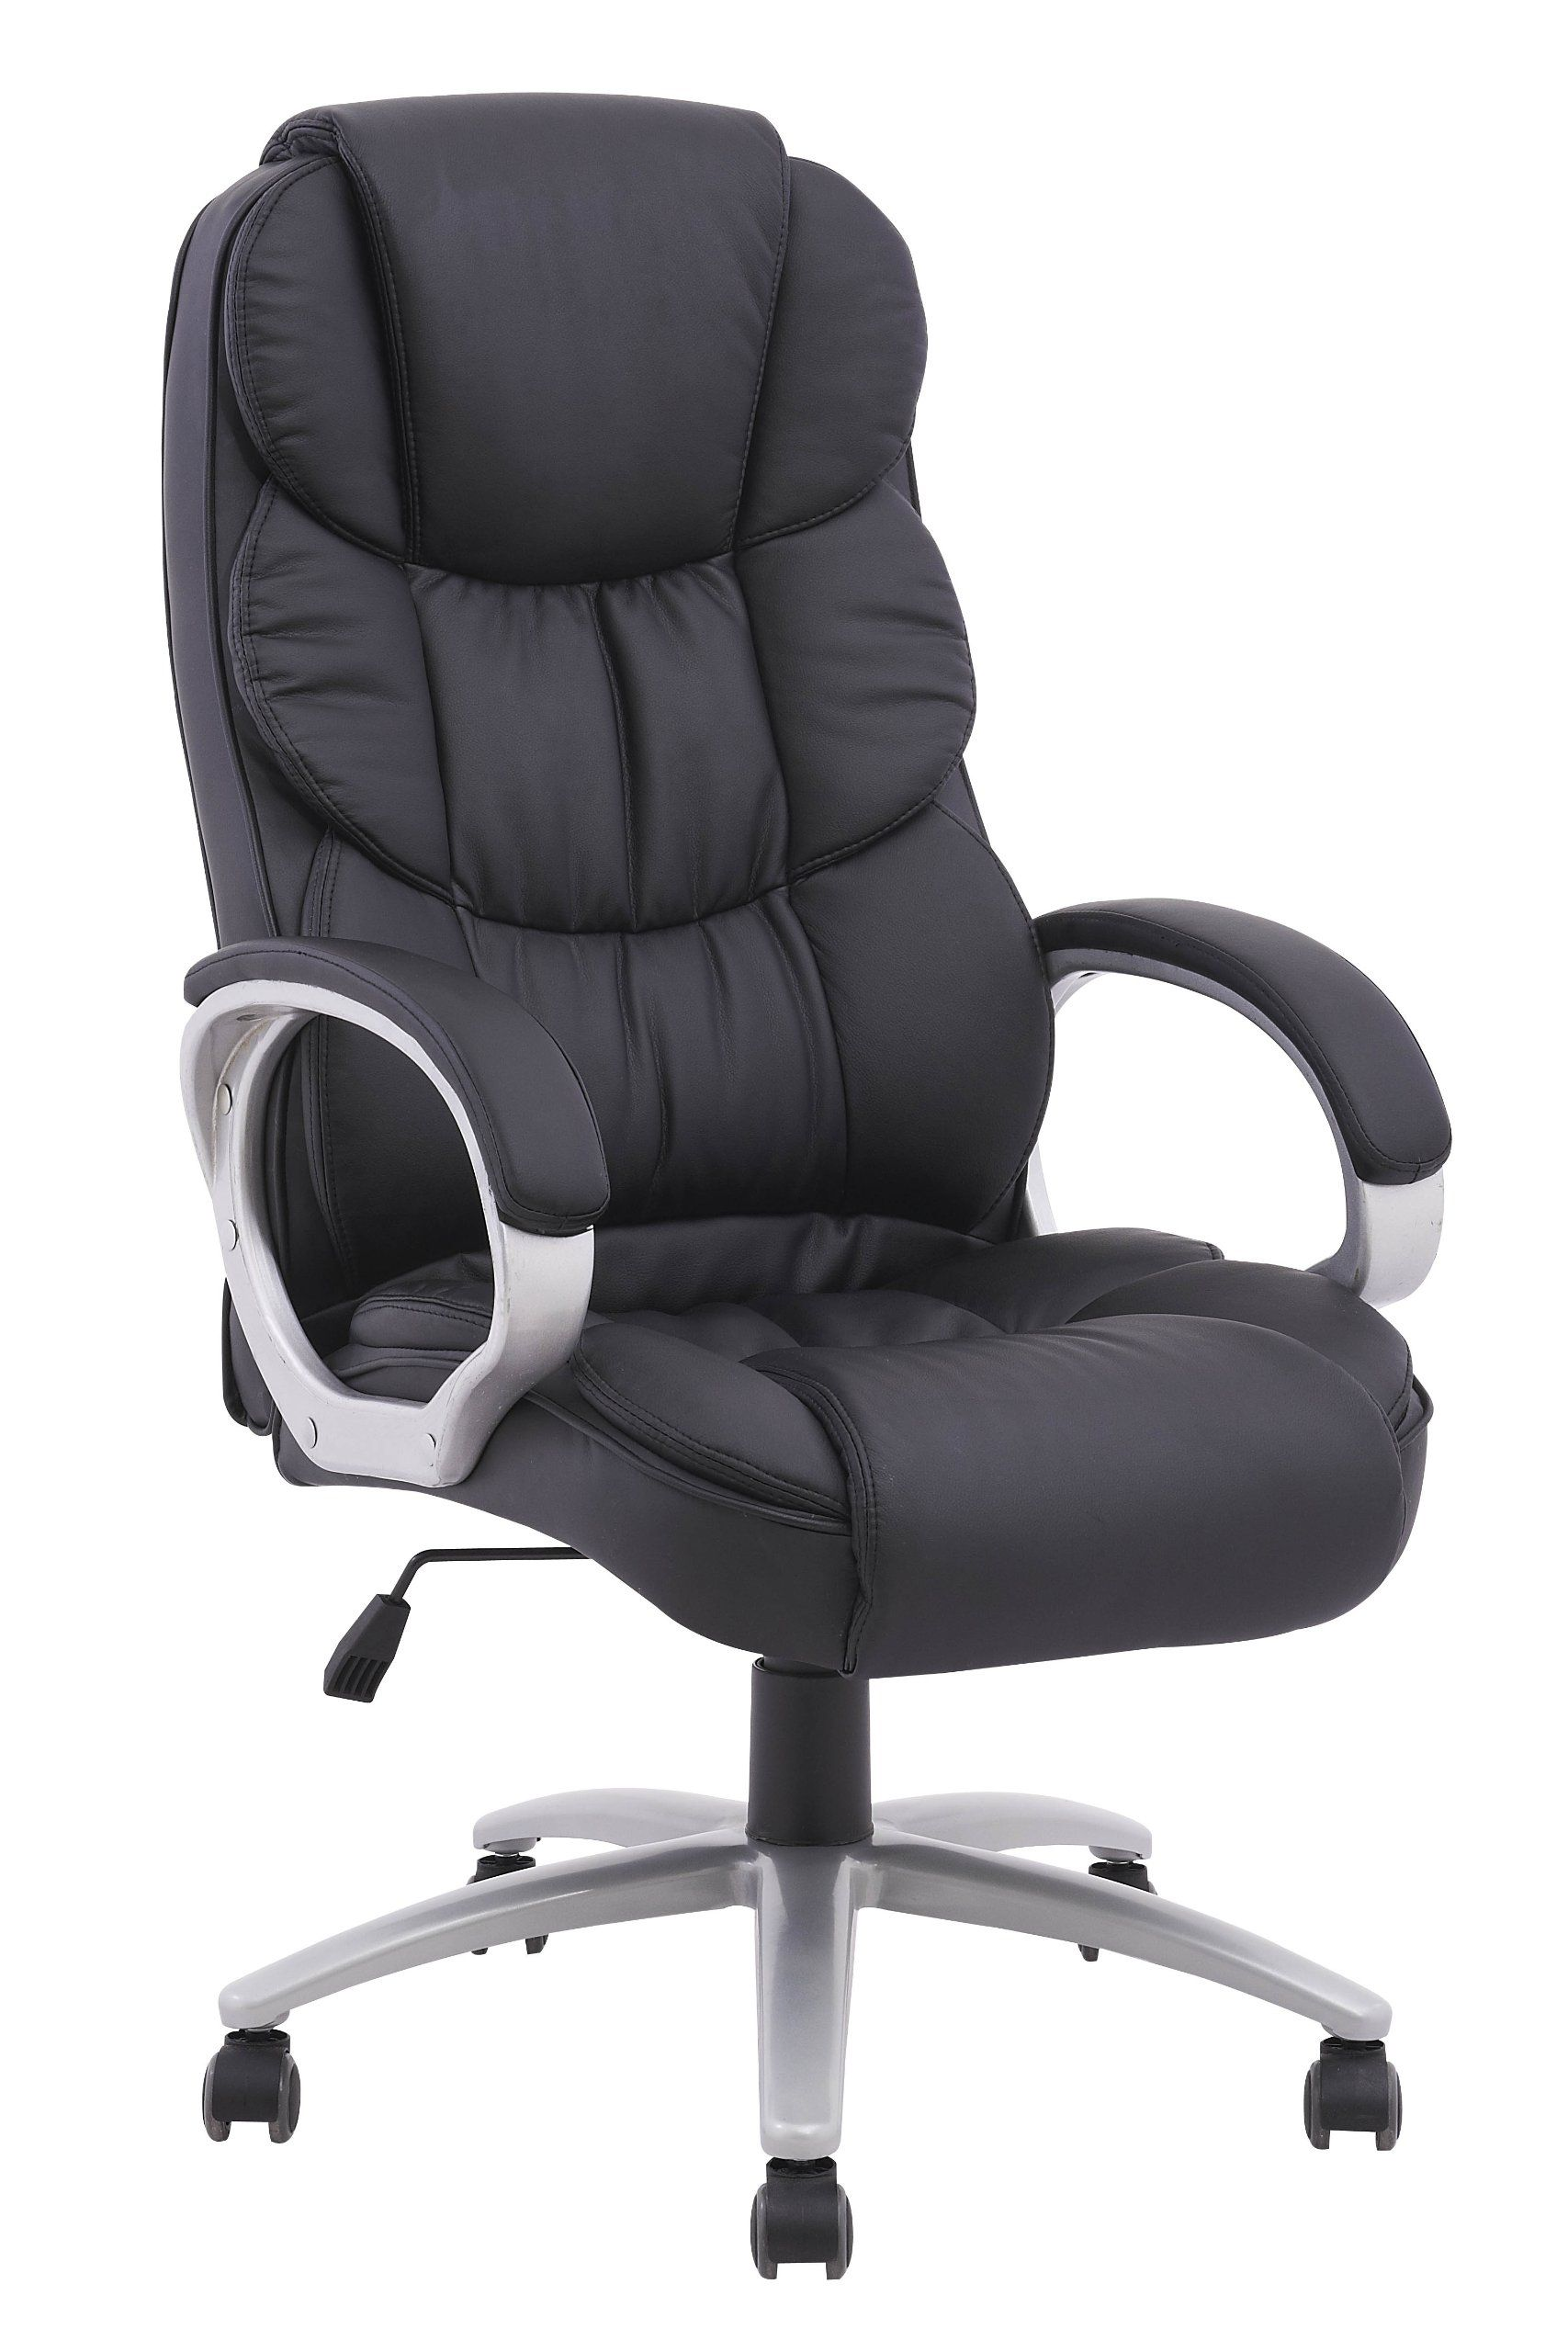 High Back Executive PU Leather Ergonomic fice Desk puter